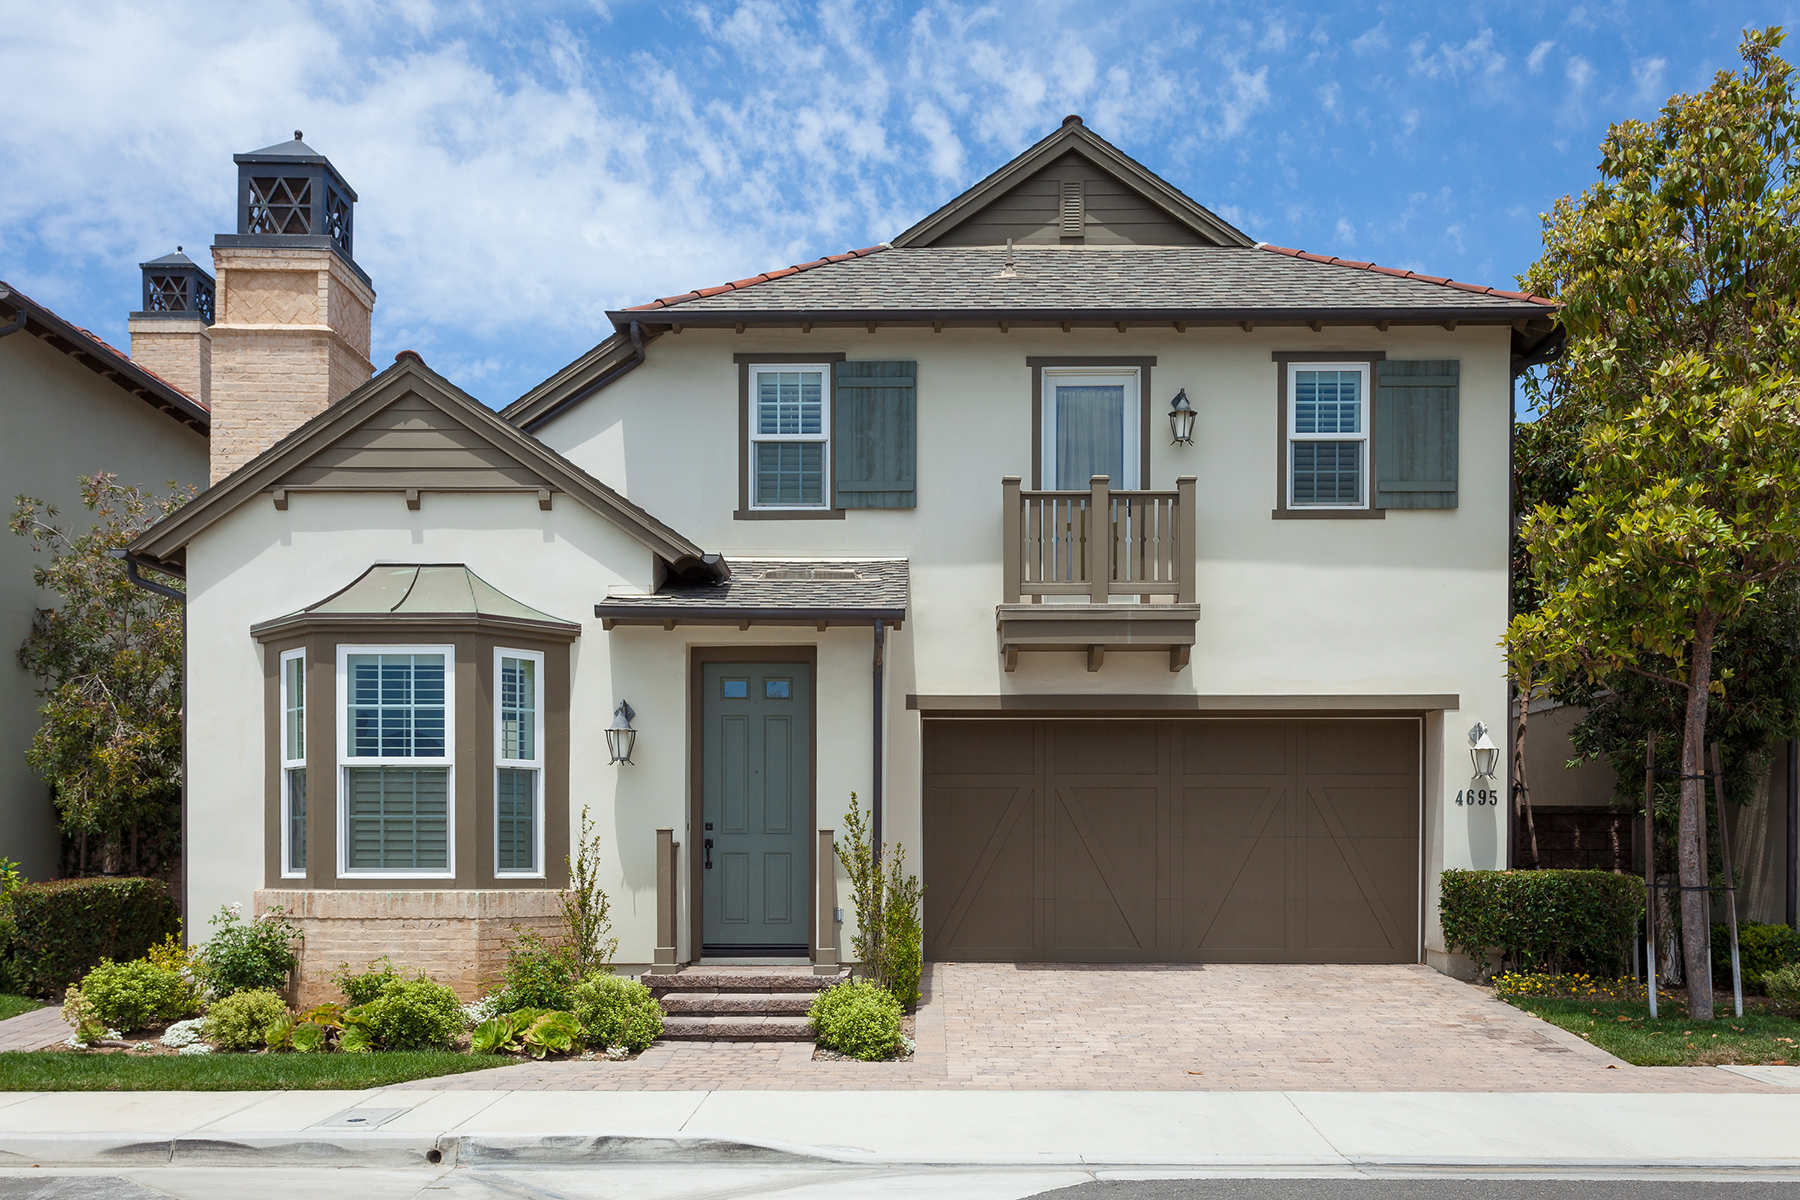 獨棟家庭住宅 為 出售 在 4695 Winthrop Dr Huntington Beach, 加利福尼亞州 92649 美國